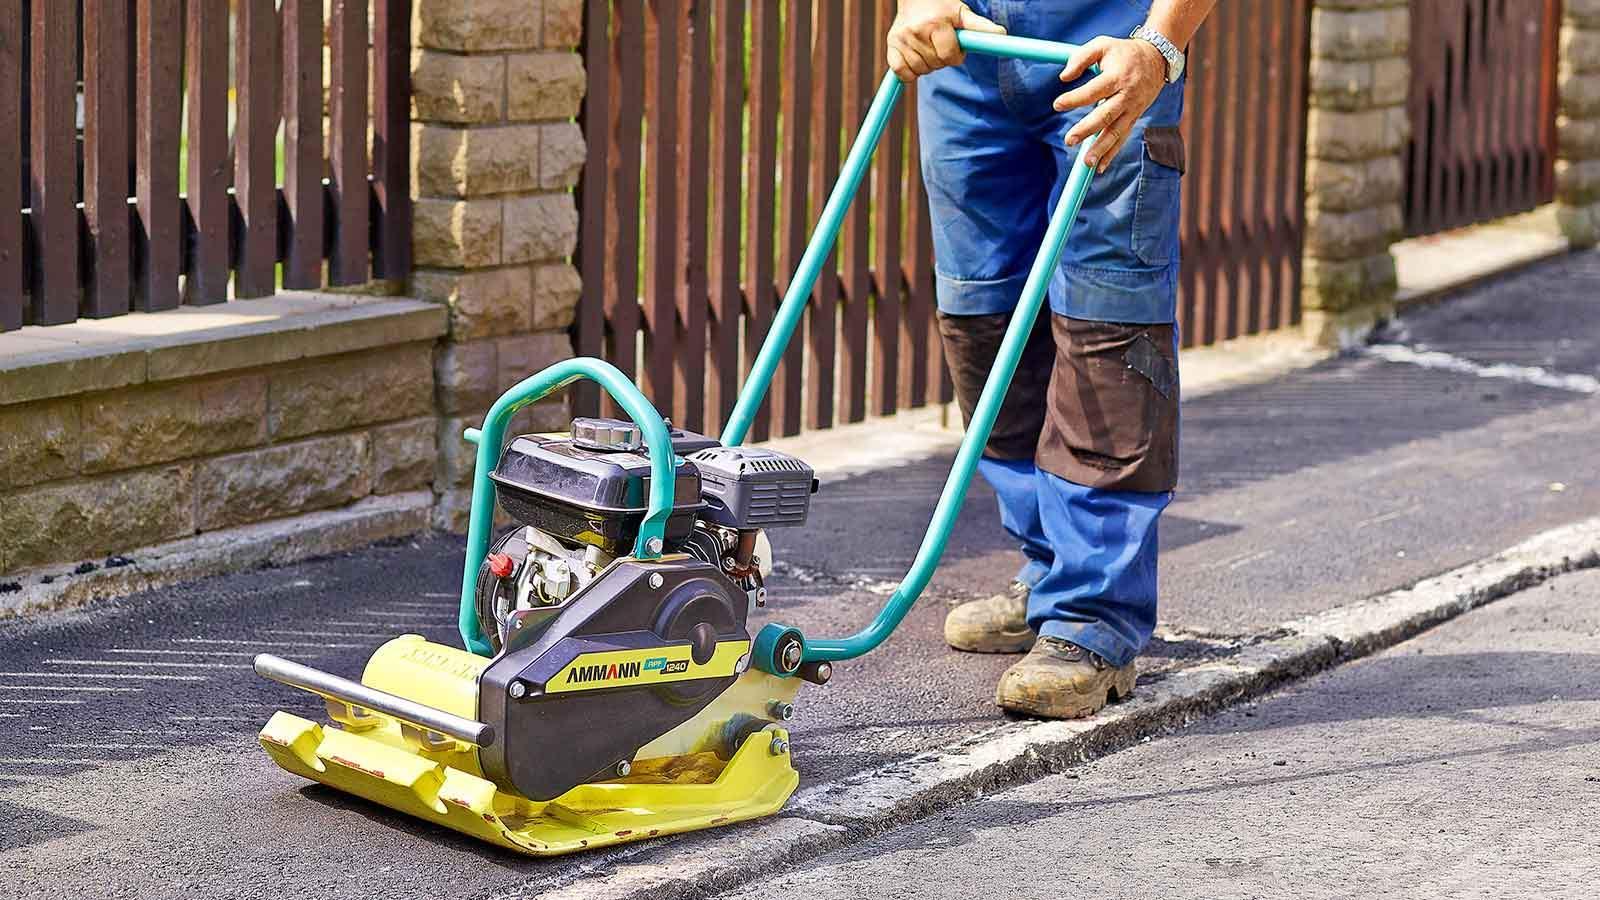 Принцип работы виброплиты для трамбовки тротуарной плитки и грунта